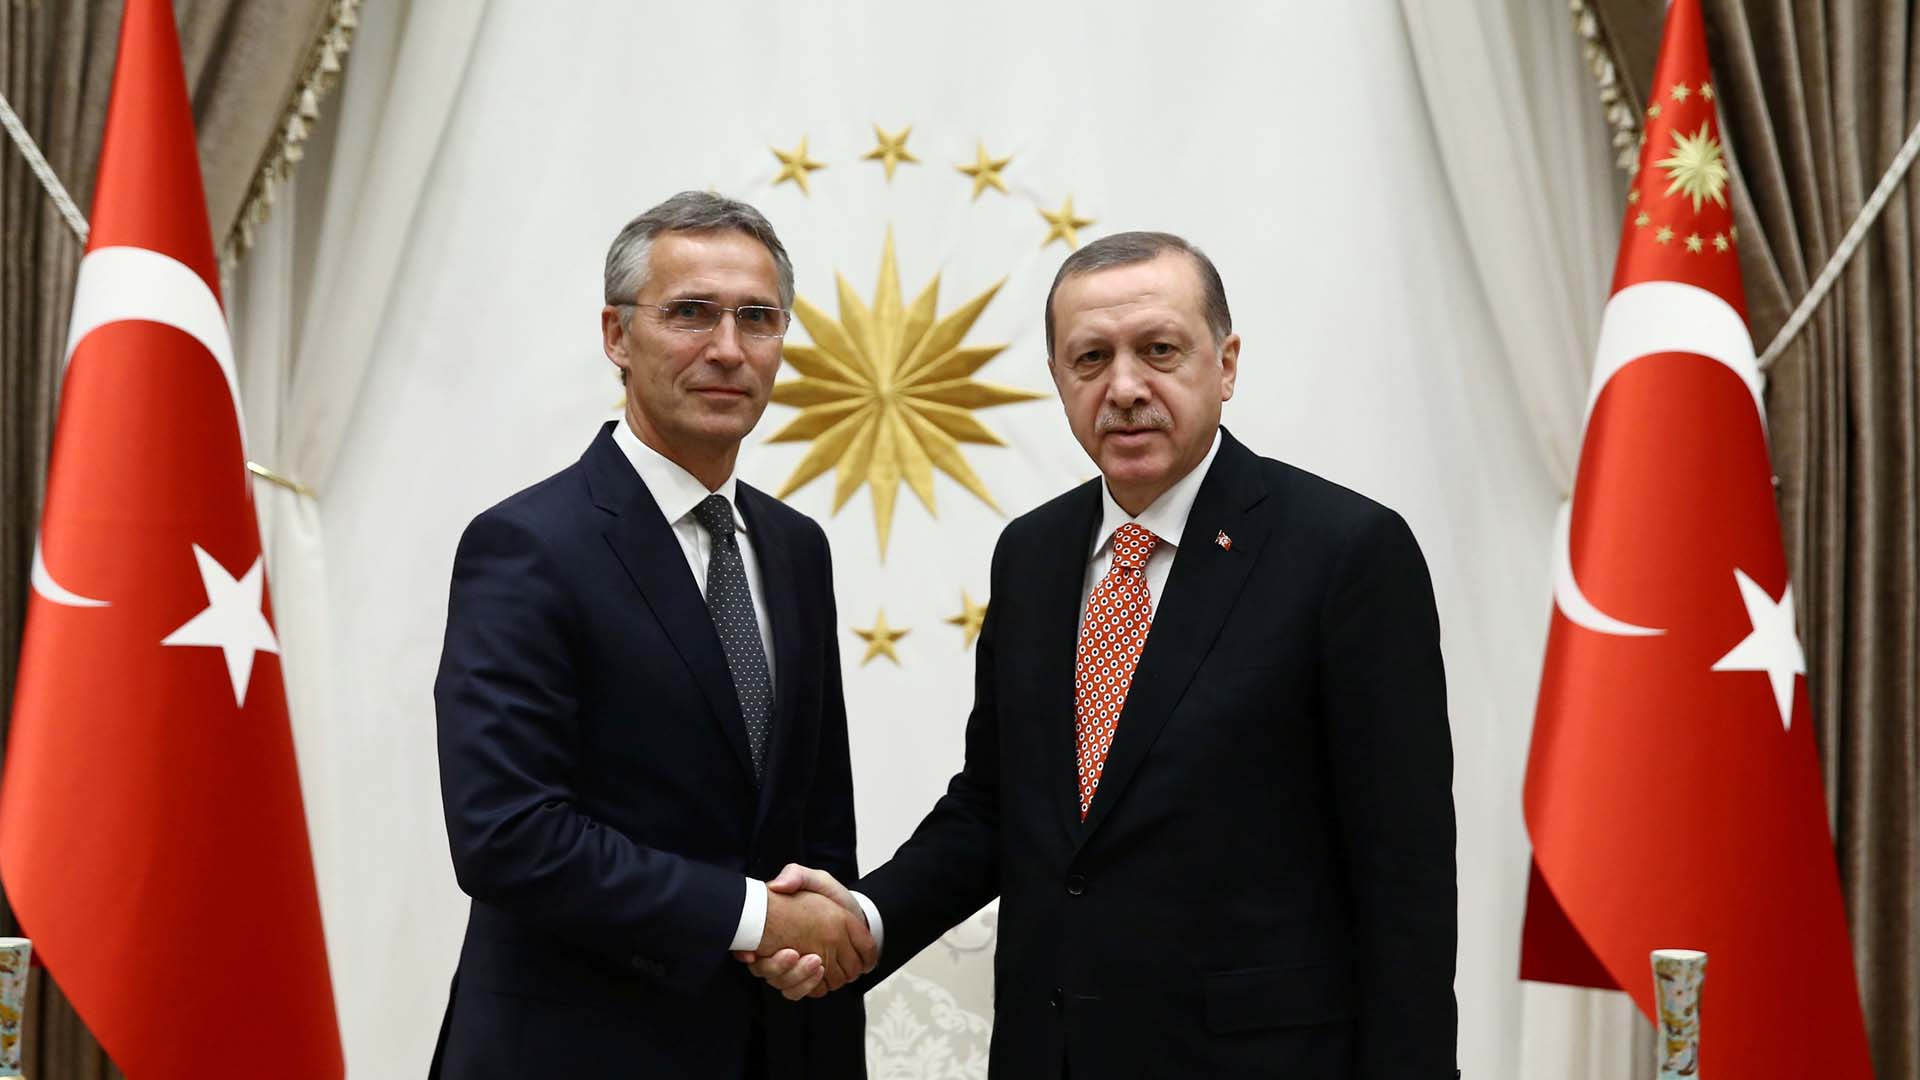 El secretario de la organización y el presidente turco discutirán sobre el predicador Fethullah Güllen, a quien señalan como autor del golpe fallido